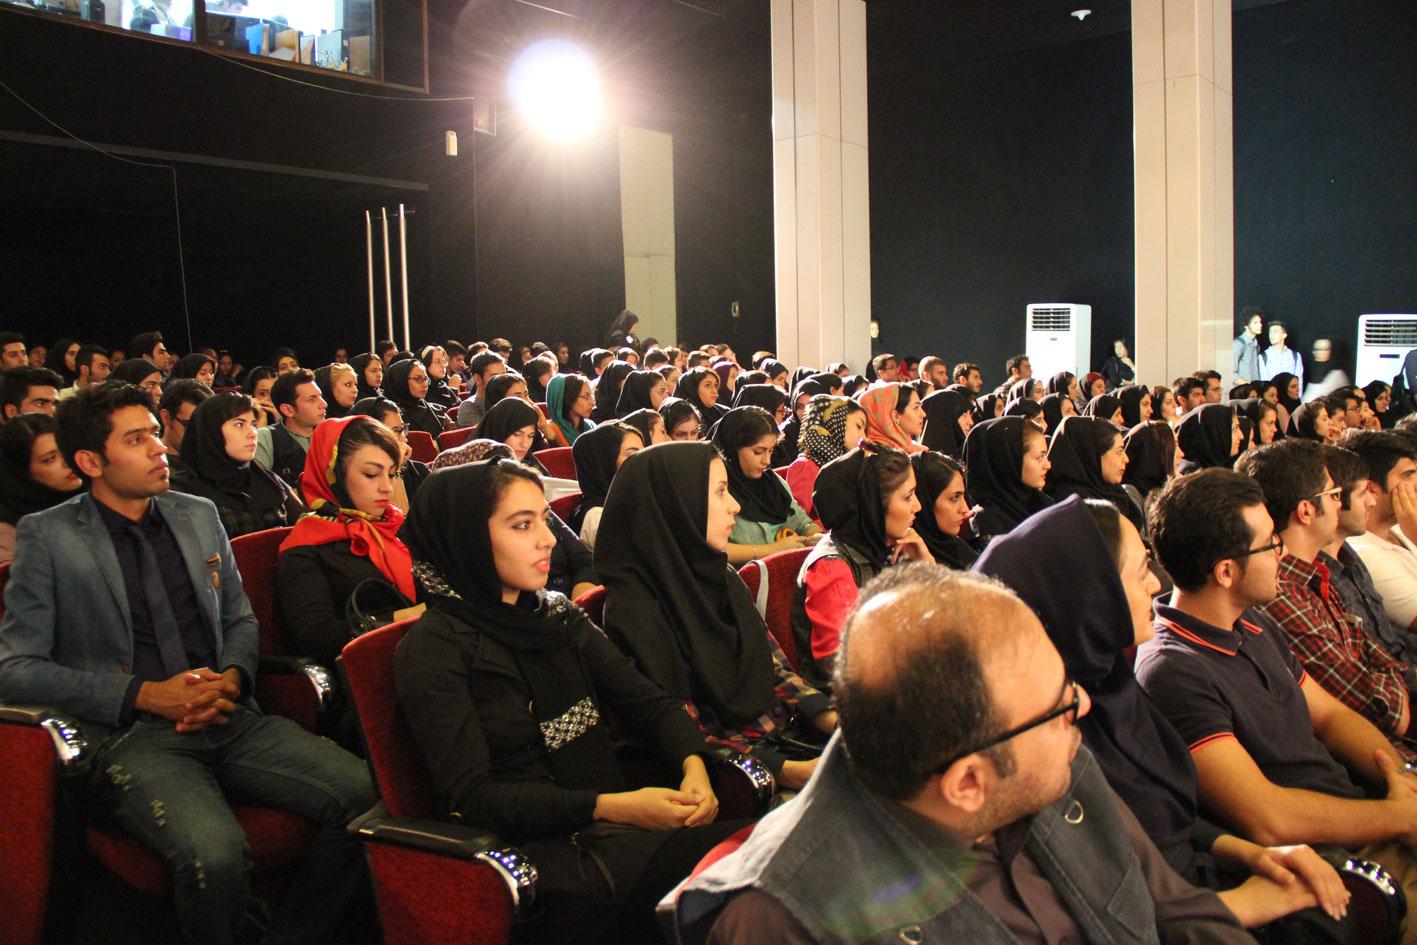 باشگاه خبرنگاران -دانشگاه آزاد ۶۰ هزار شهید تقدیم انقلاب کرده است/ خون شهدای ۱۶ آذر ۳۲ در رگ دانشجویان میجوشد